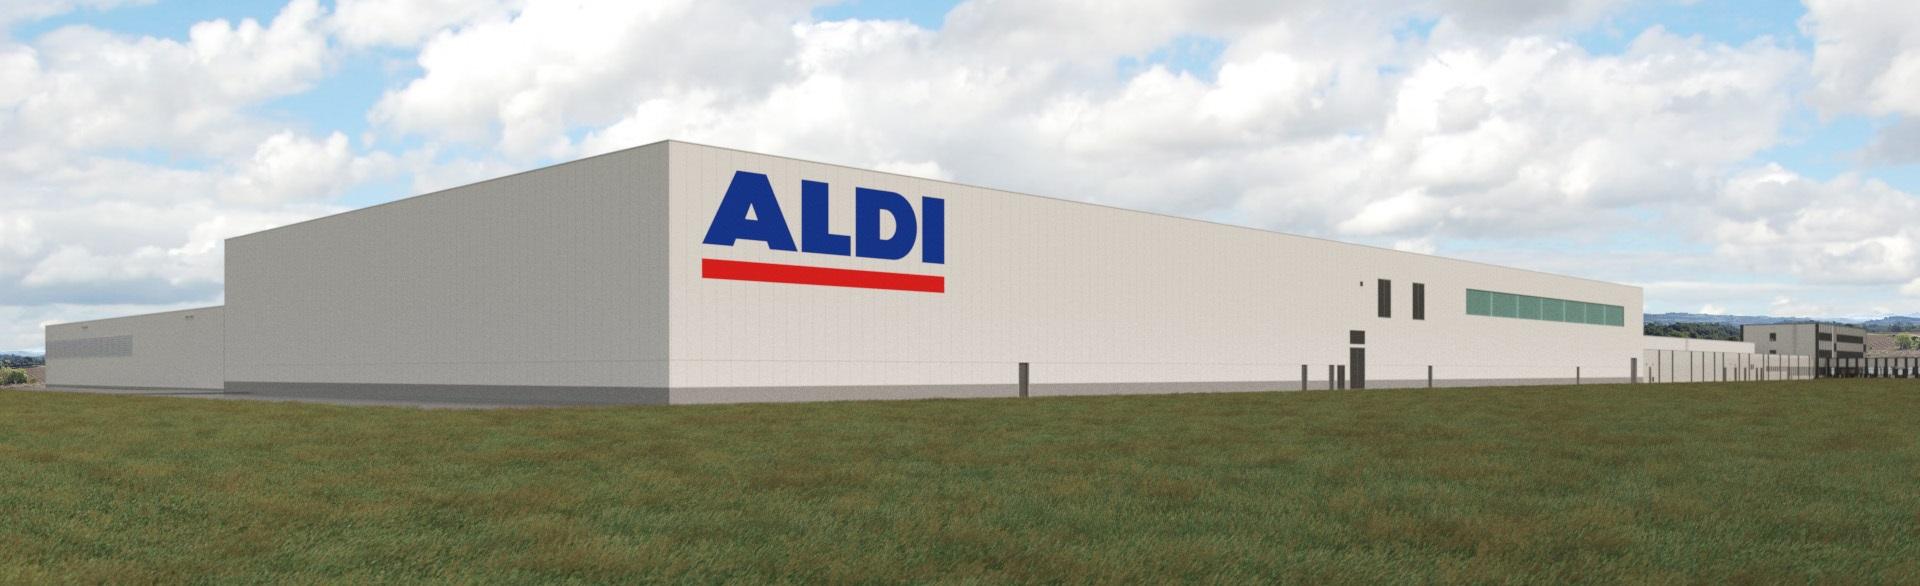 Proyecto de ampliación de ALDI en su plataforma logística de Masquefa (Barcelona)